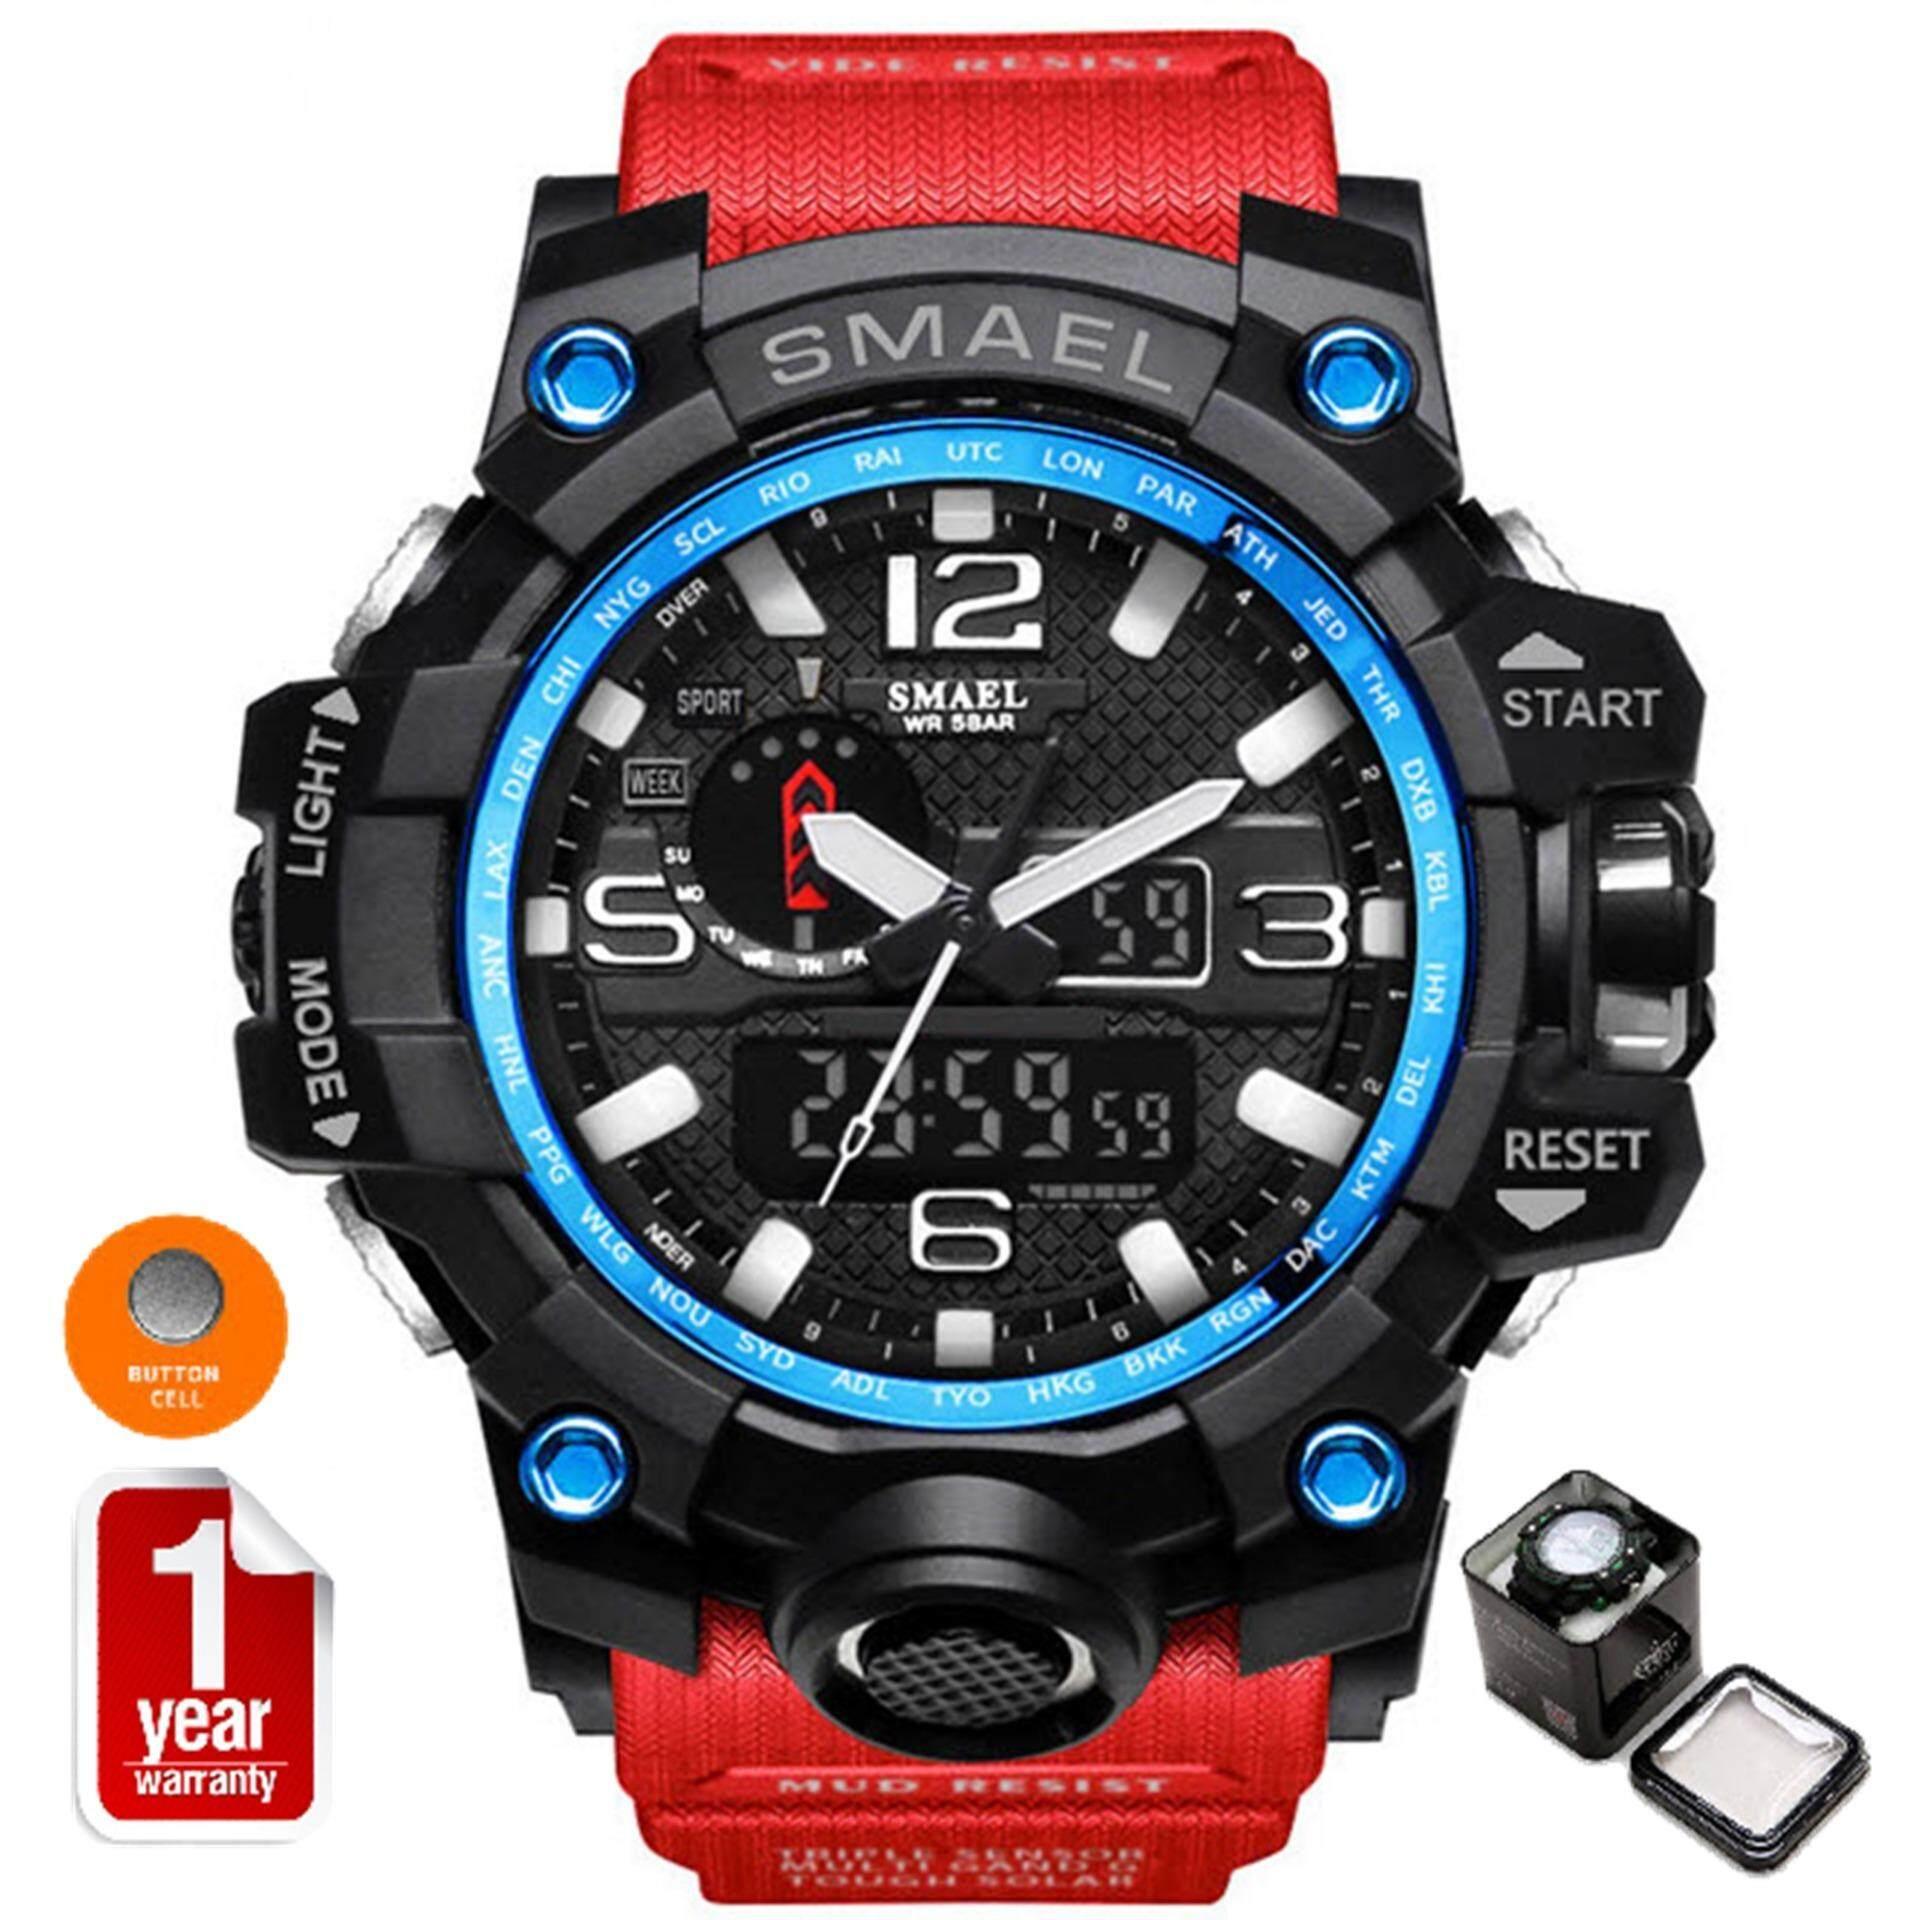 ขาย Smael นาฬิกาข้อมือผู้ชาย Sport Digital Led รุ่น Sm1545 Red เป็นต้นฉบับ